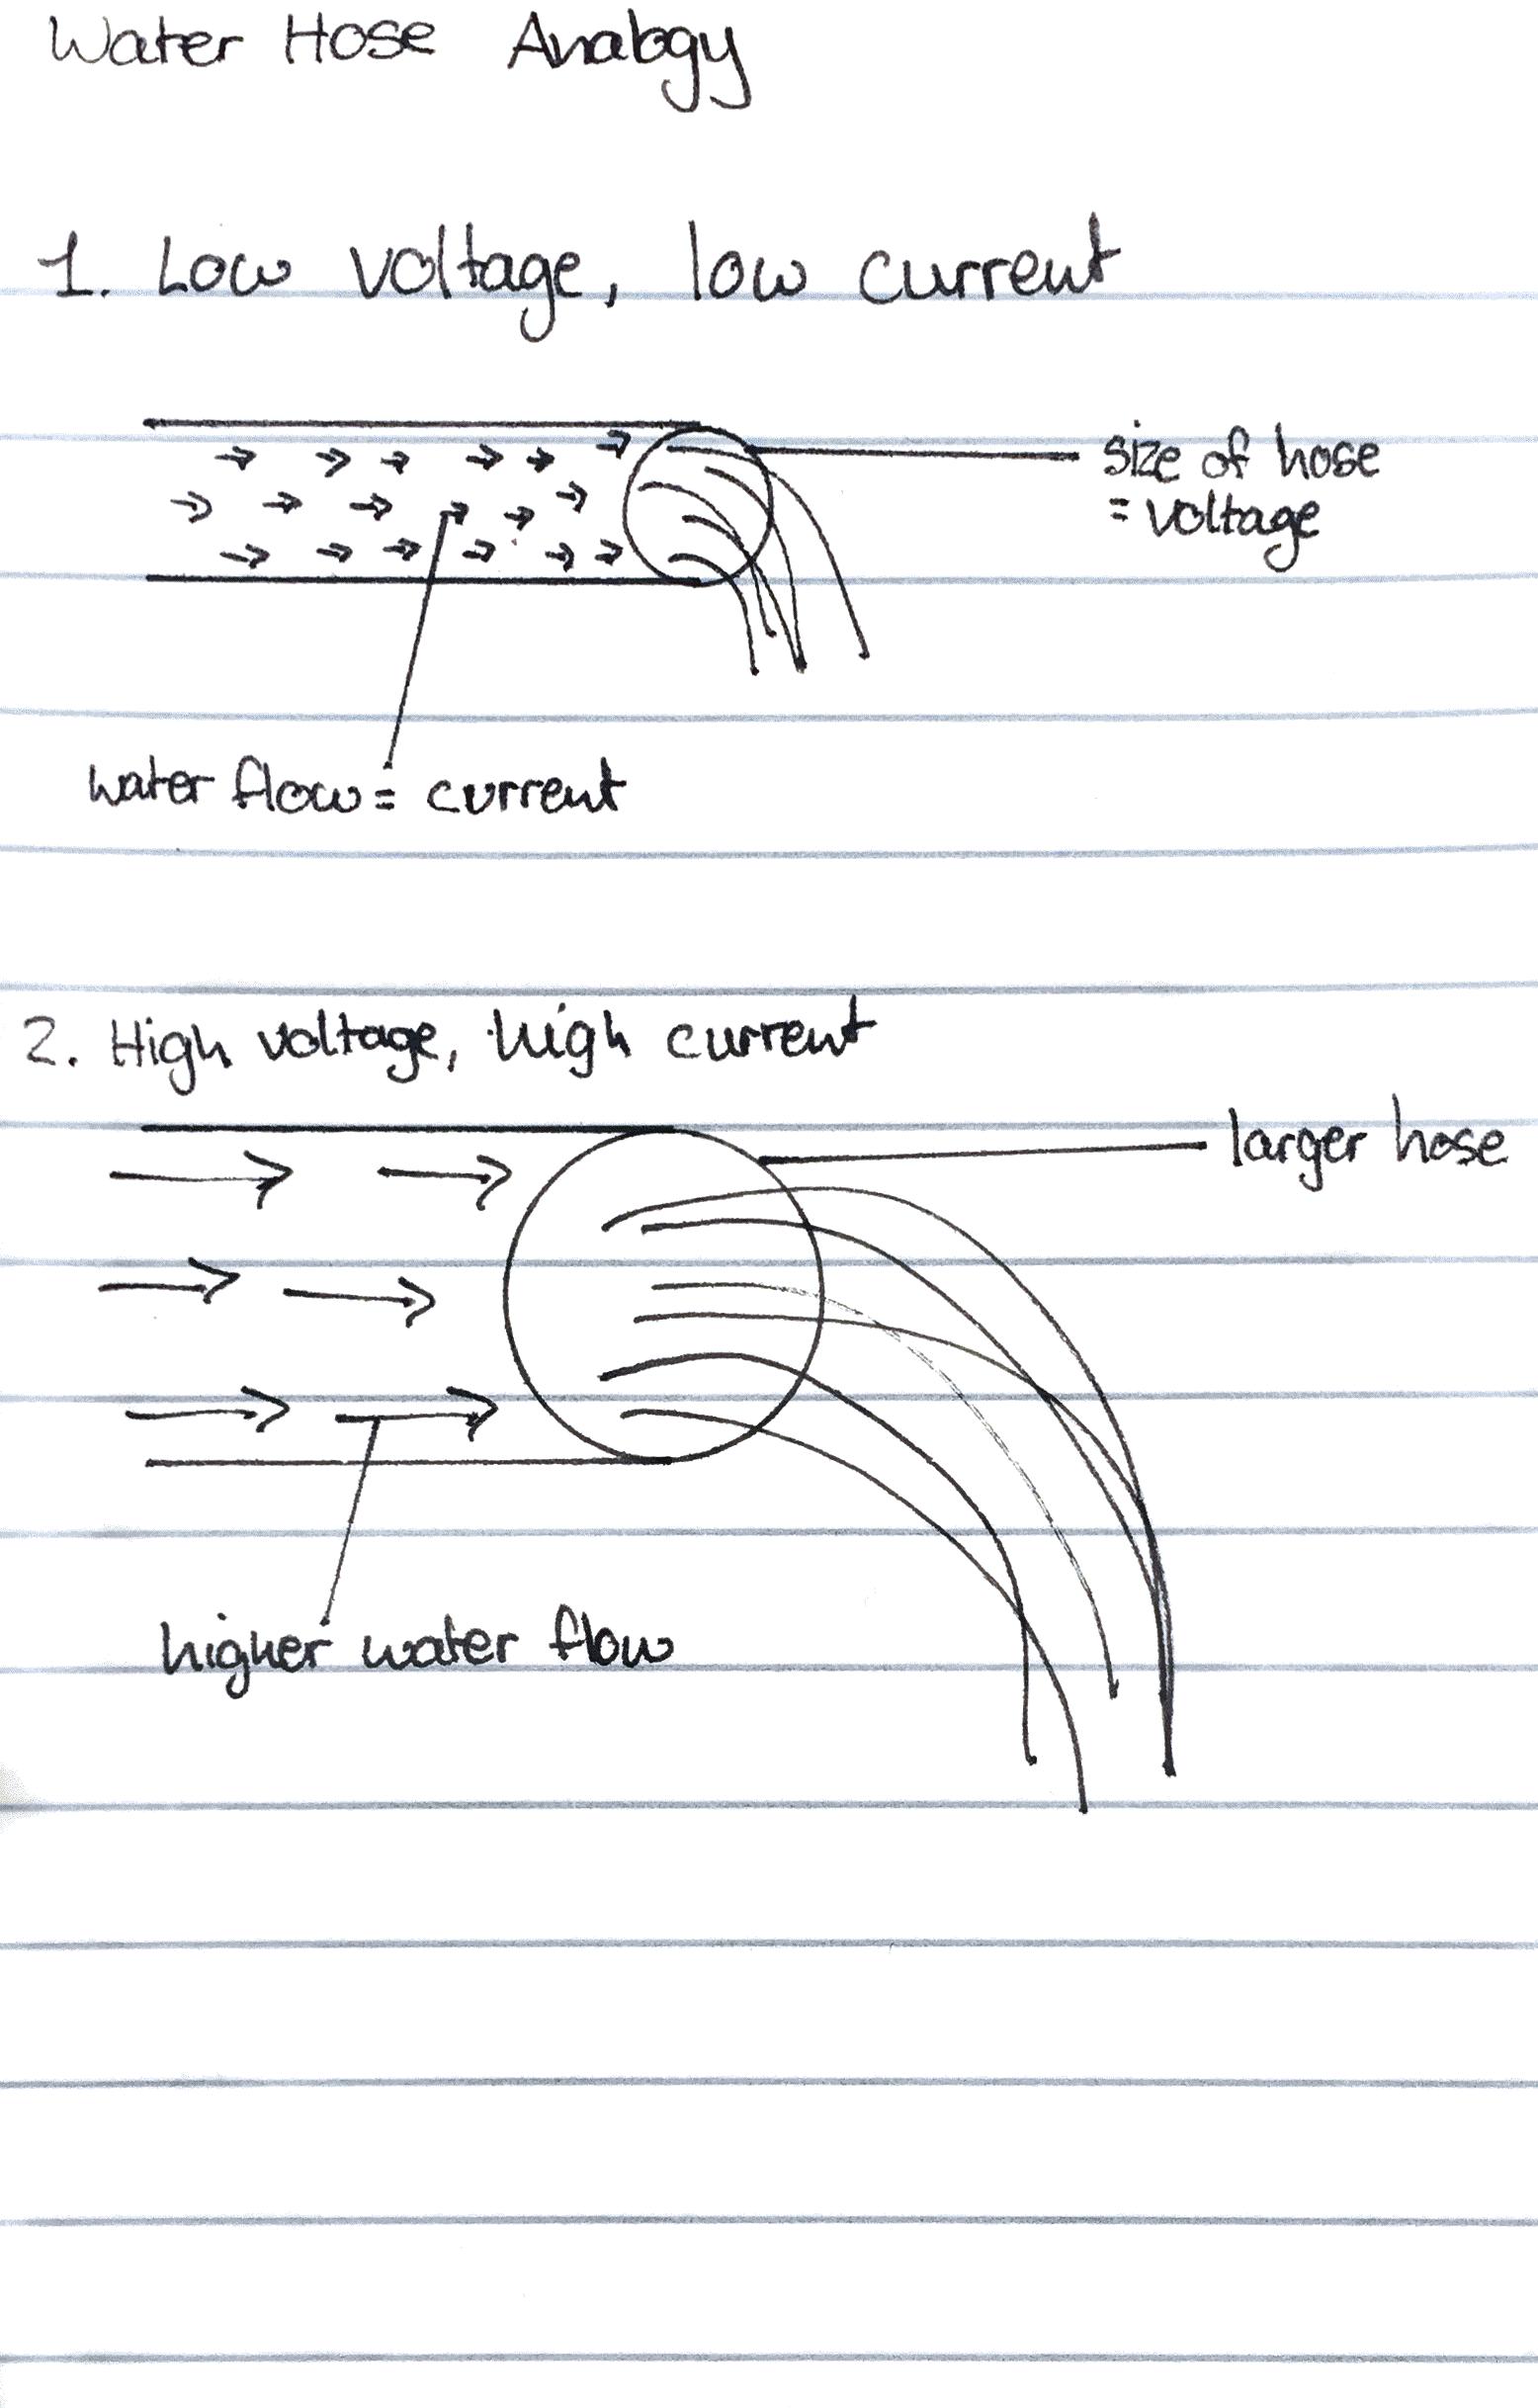 Water hose analogy